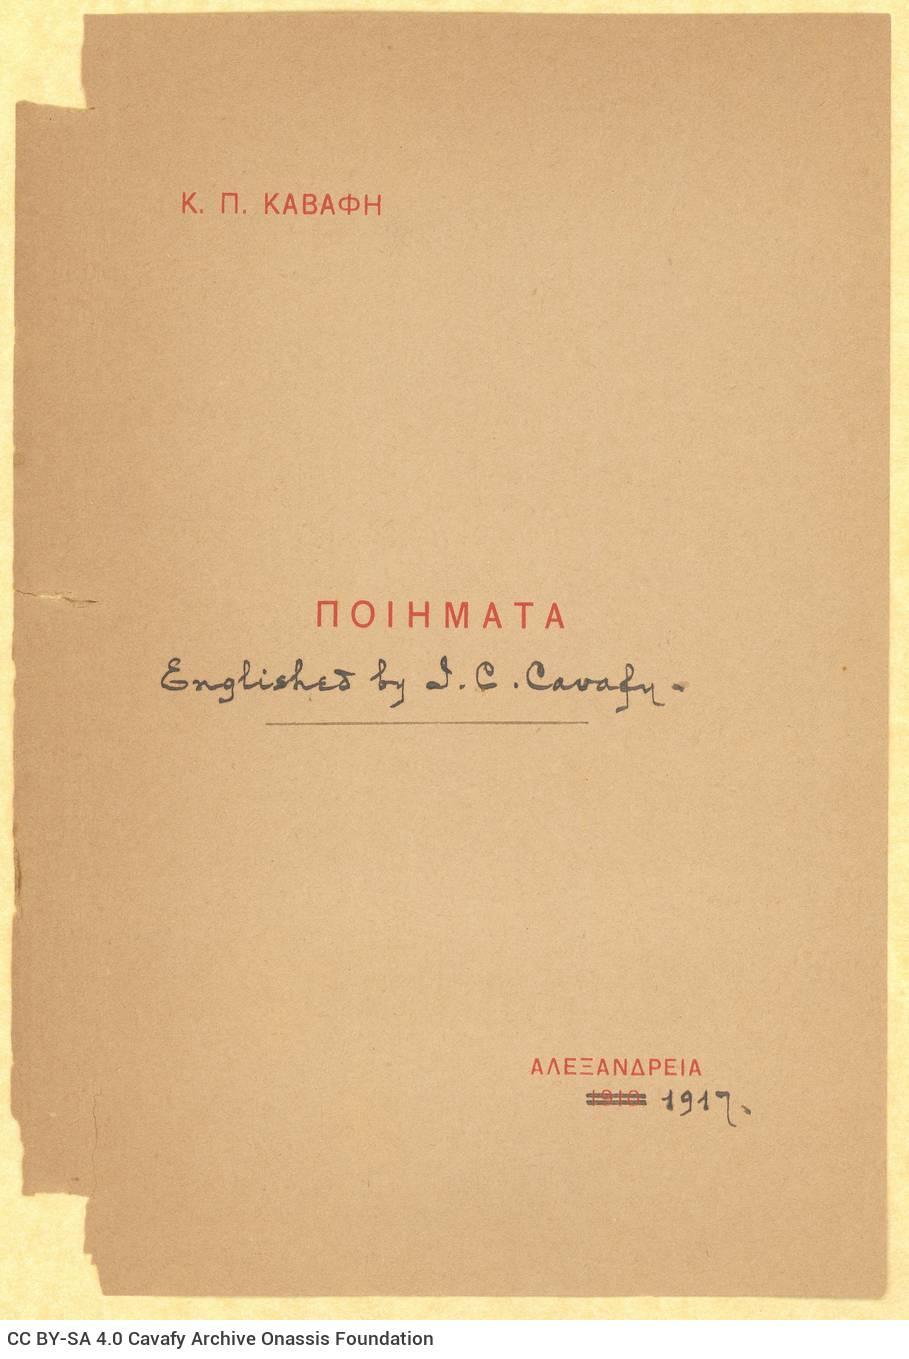 Αυτοσχέδιο βιβλίο αποτελούμενο από χειρόγραφα, έντυπα μονόφυλλα κα�